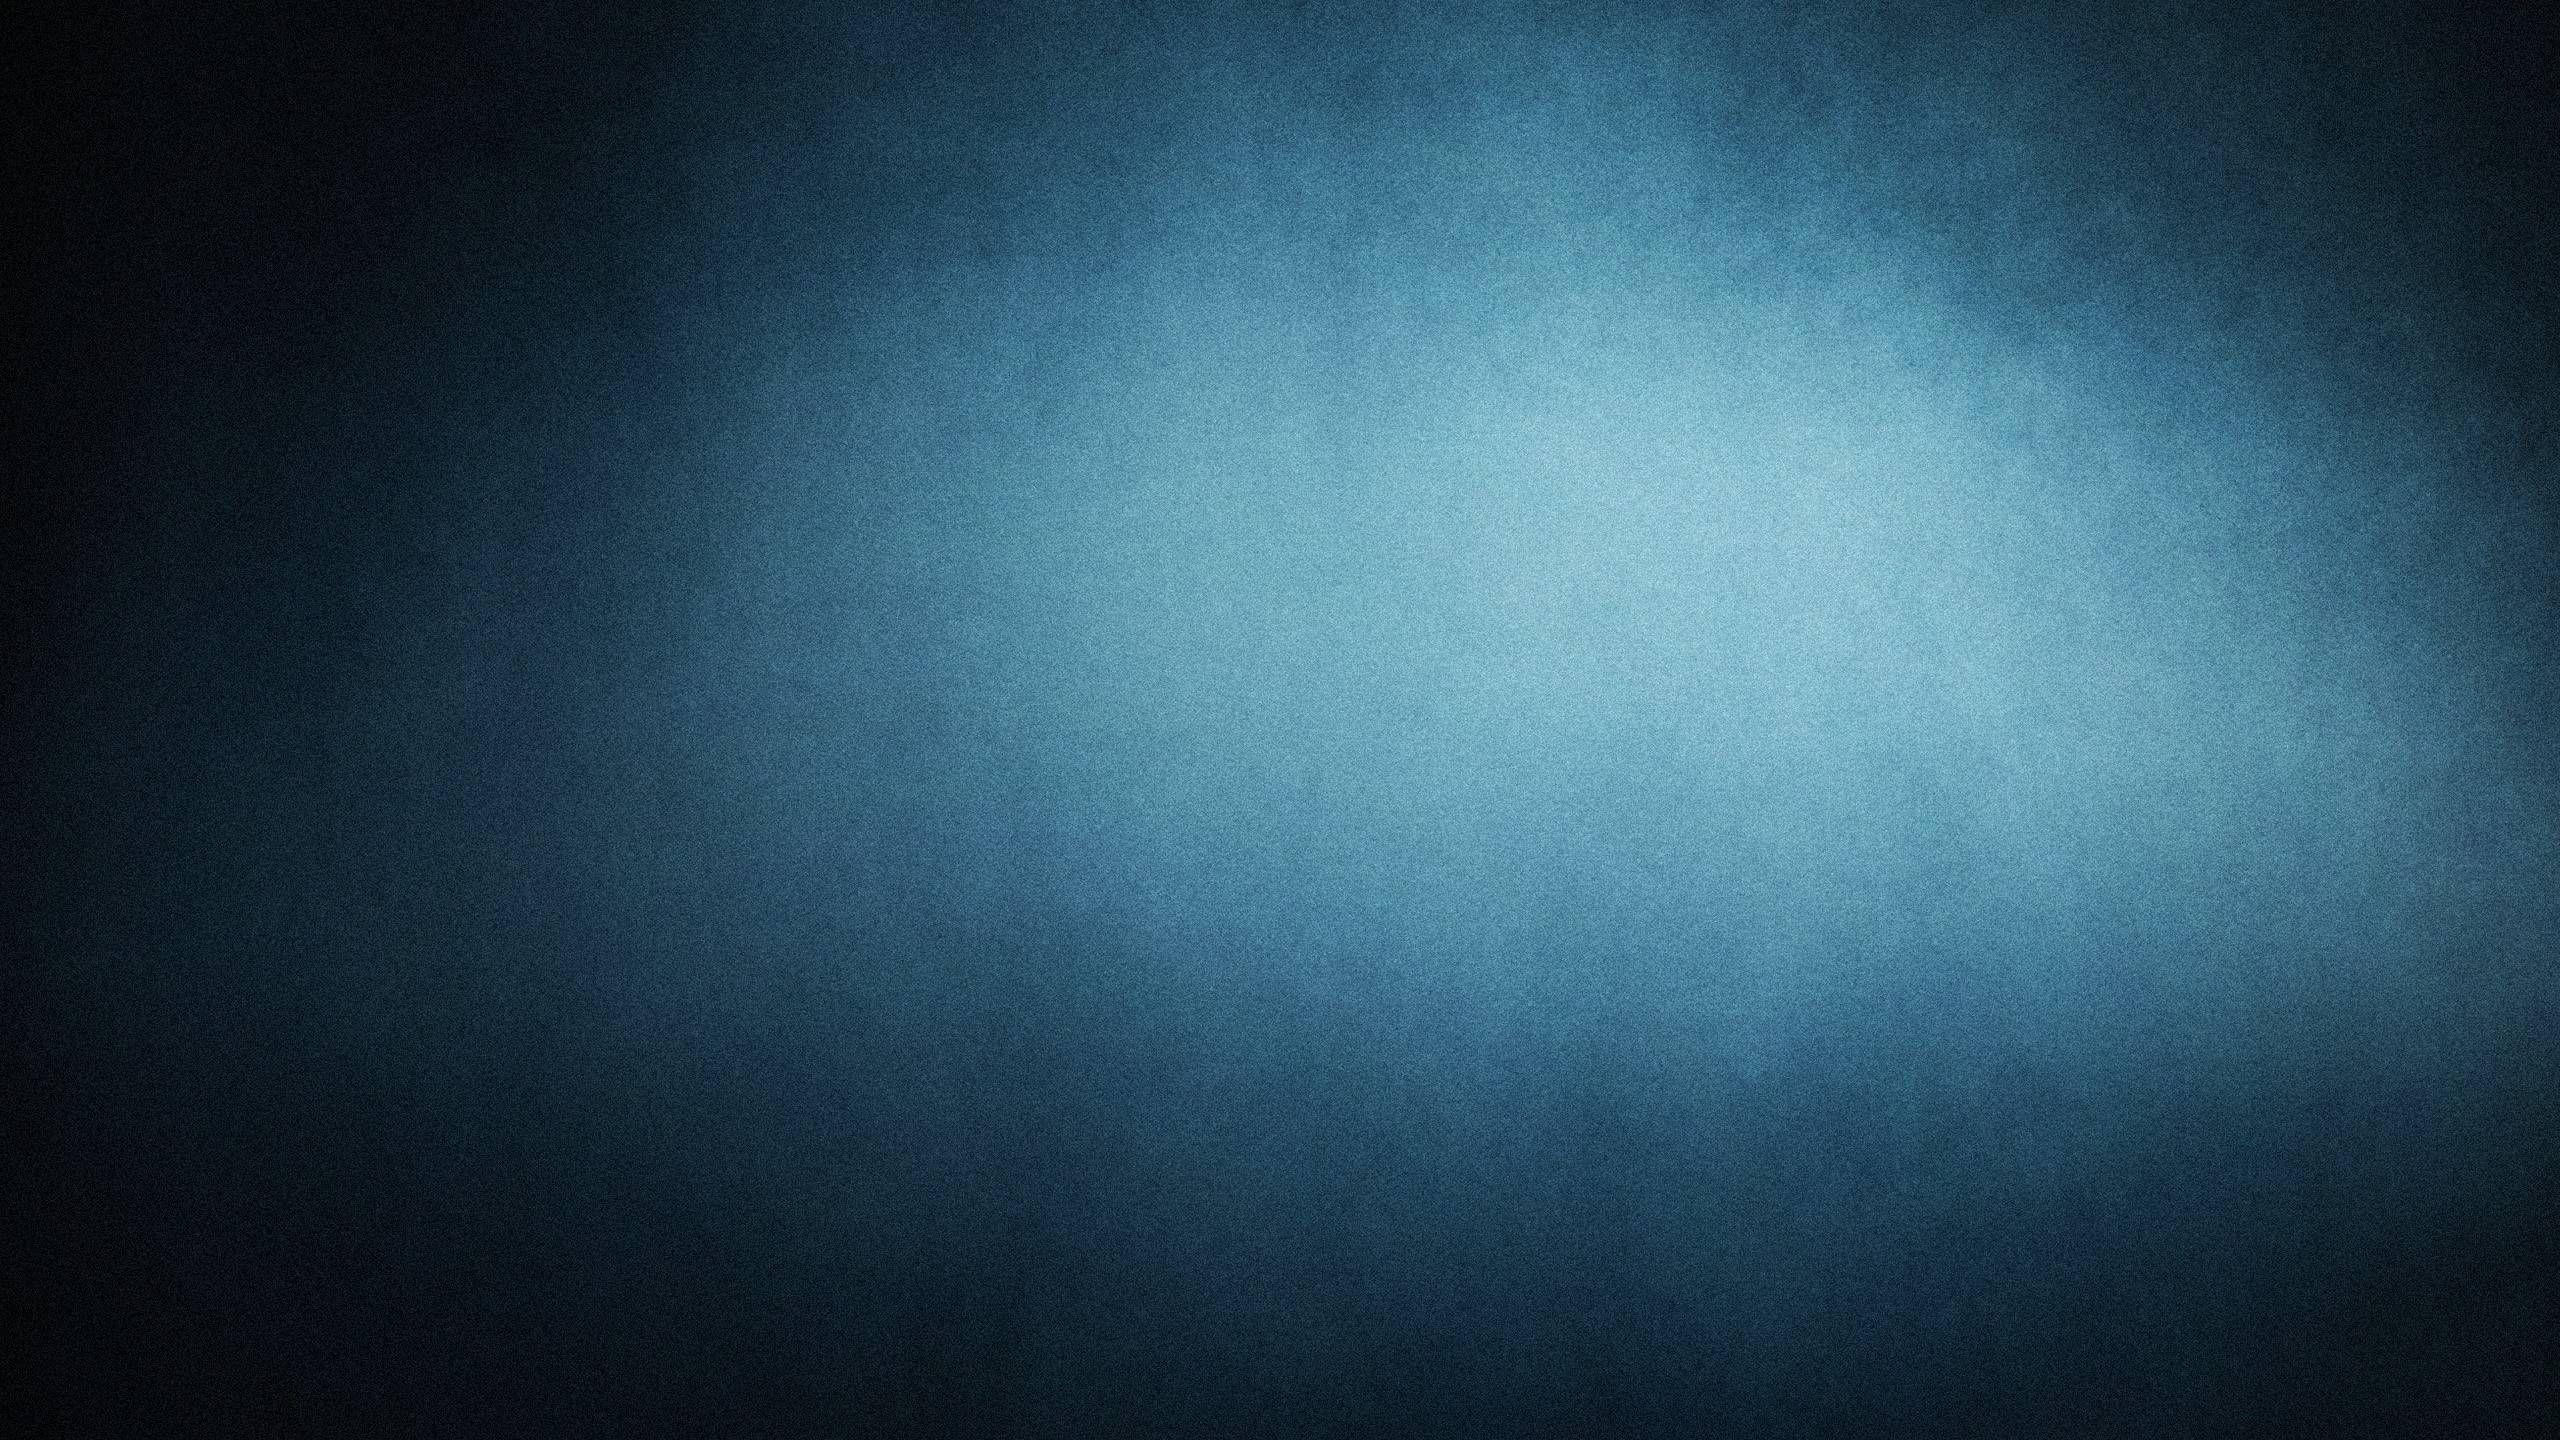 Blue Texture HD desktop wallpaper High Definition Fullscreen